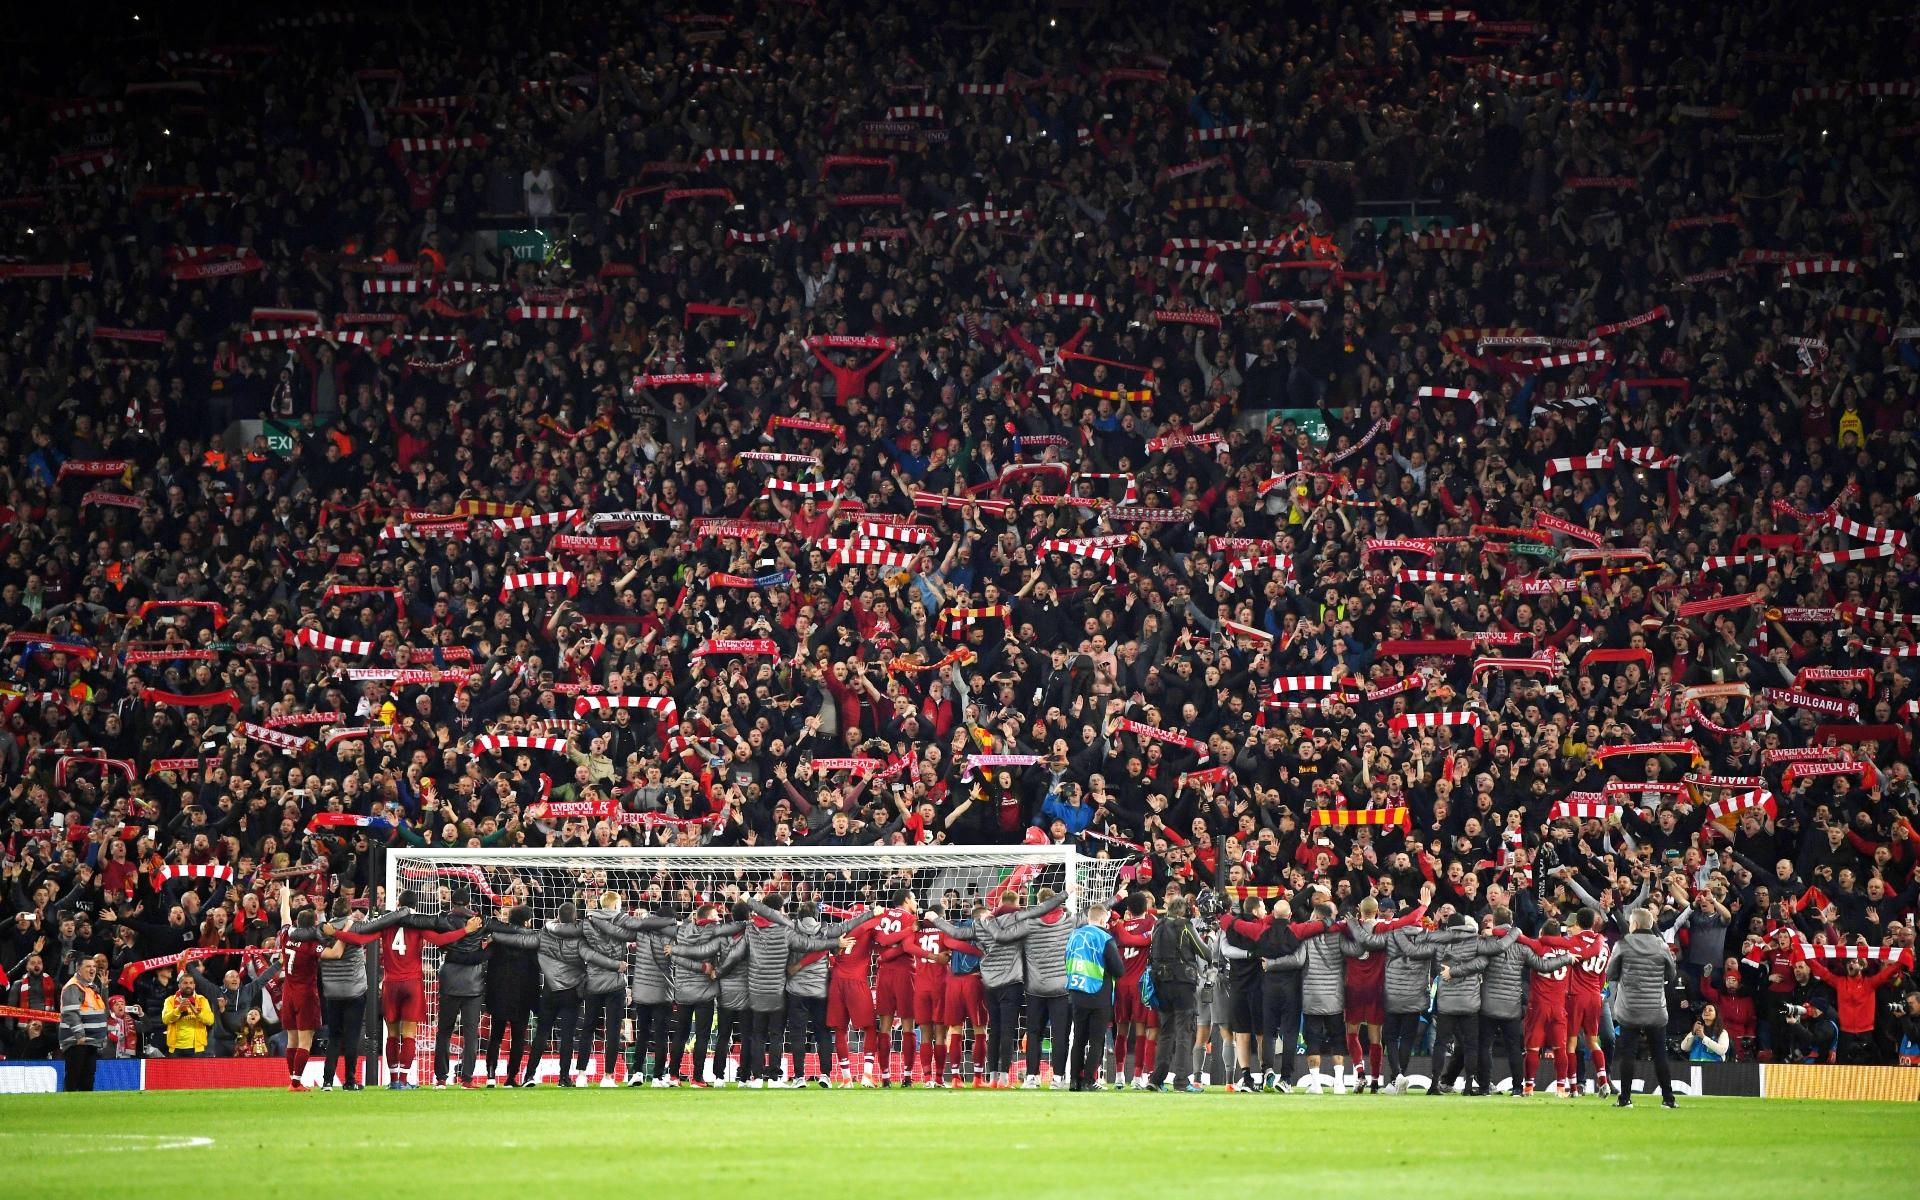 Фото: Стадион «Энфилд» до пандемии (Photo by Shaun Botterill/Getty Images)